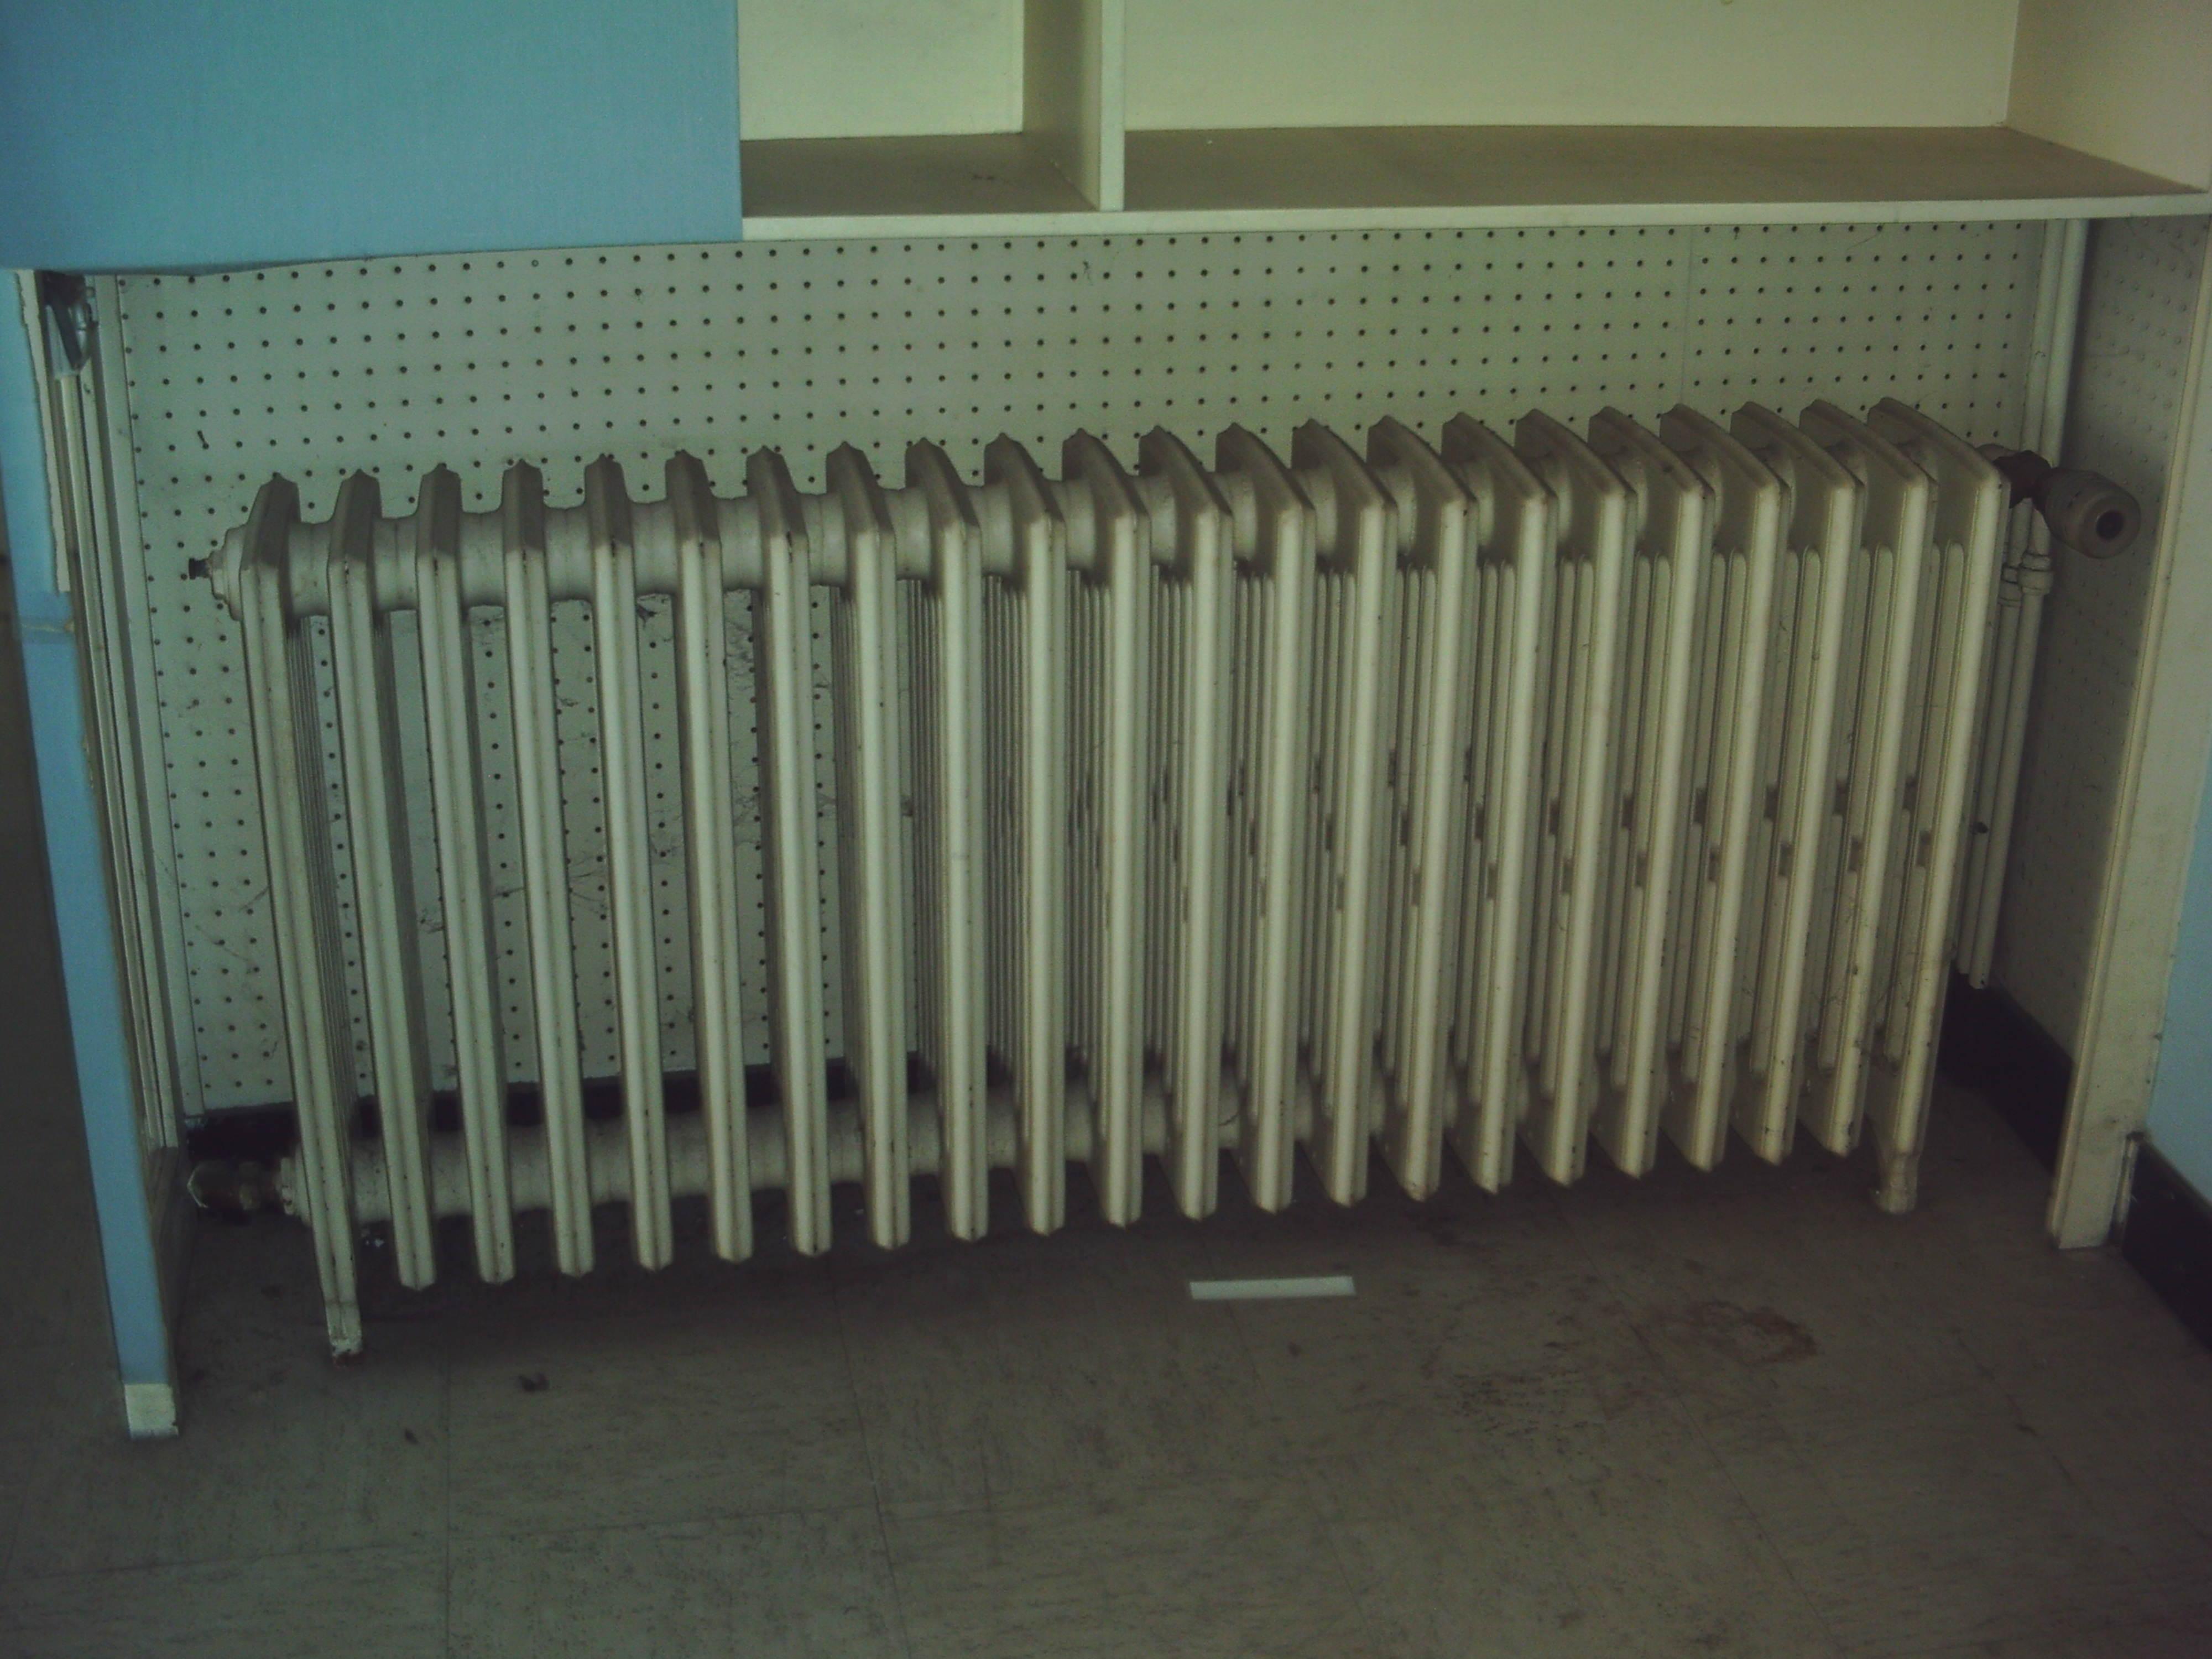 Radiateurs en fonte radiateursenfonte - Demonter radiateur fonte ...